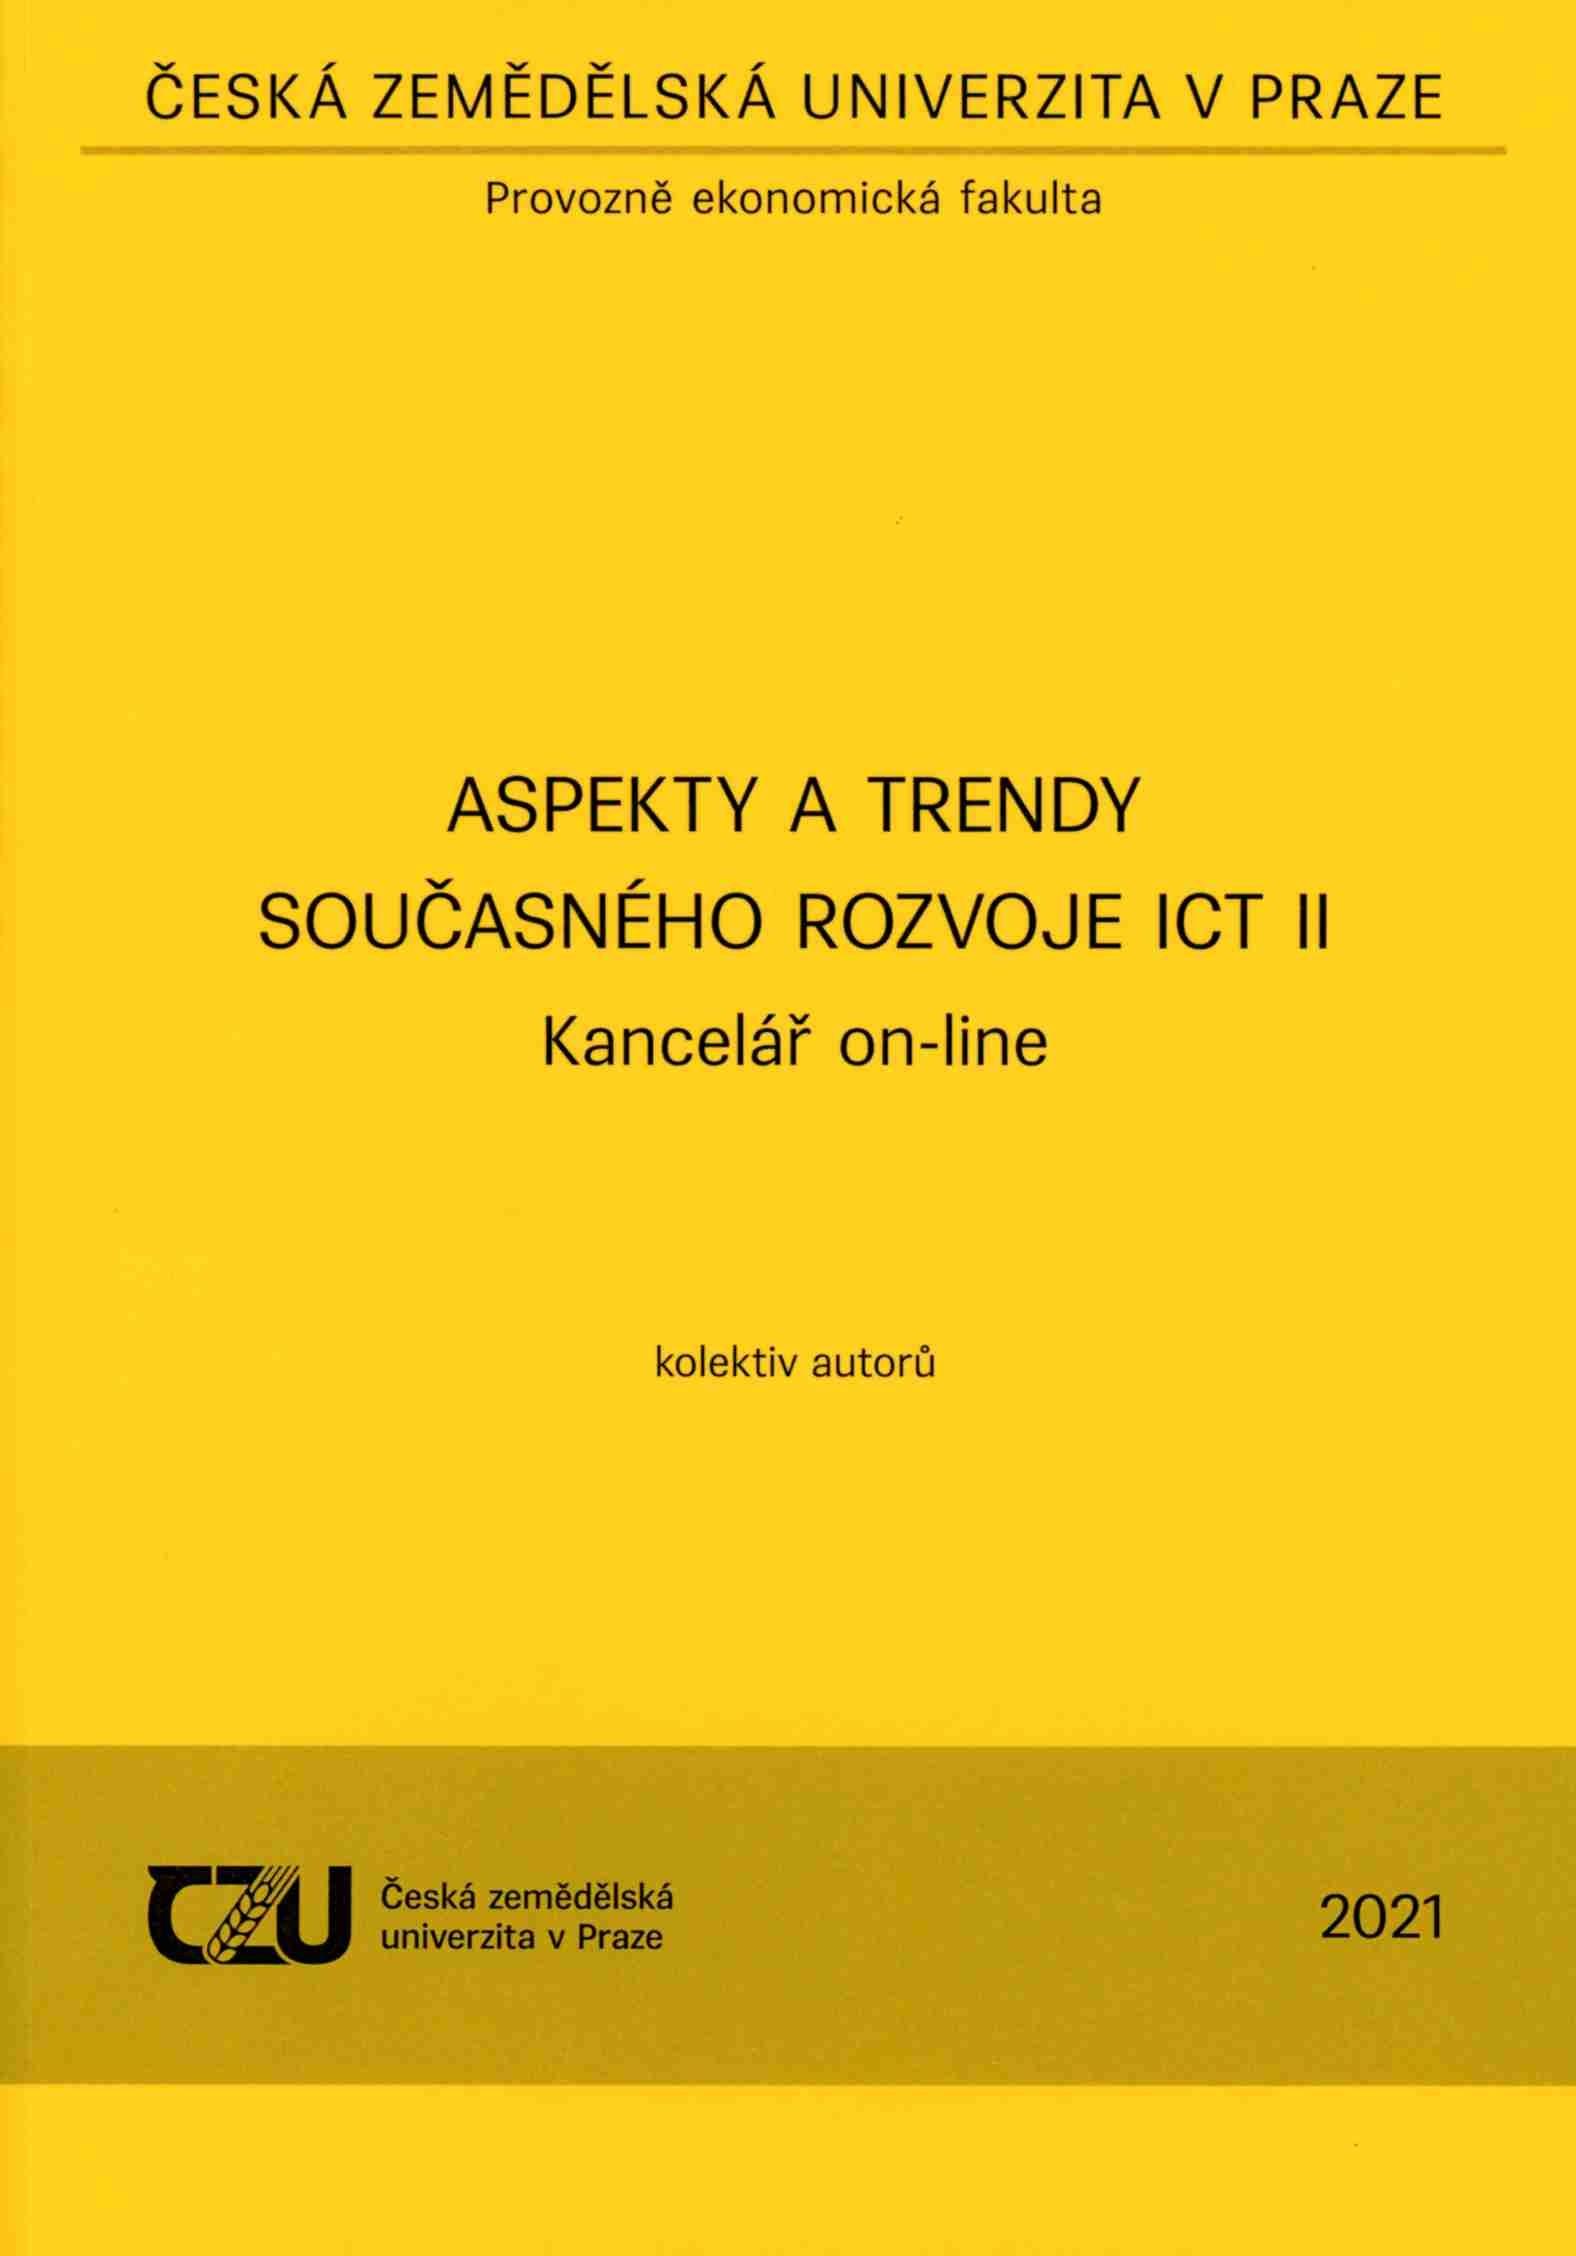 Aspekty a trendy současného rozvoje ICT II Kancelář on-line